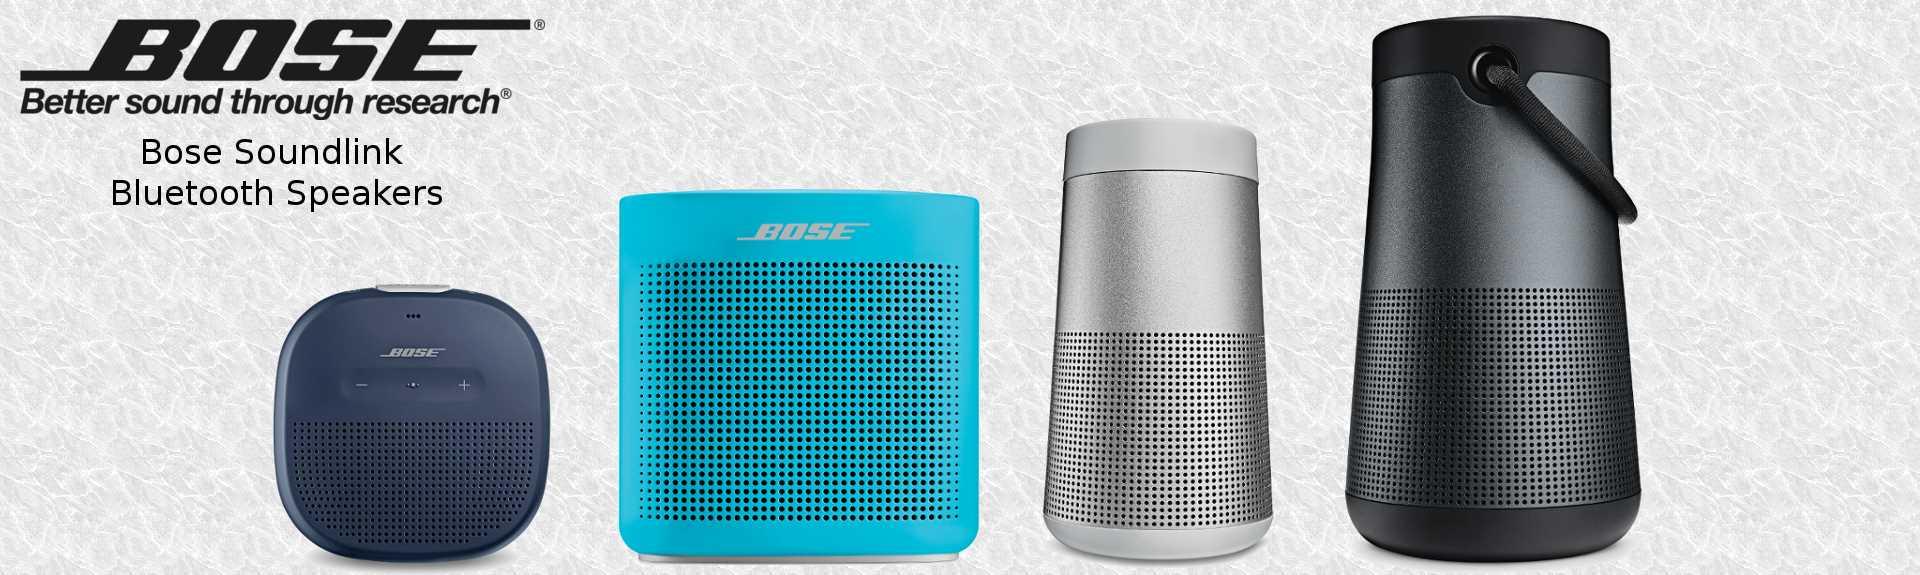 Bose Soundlink 2017